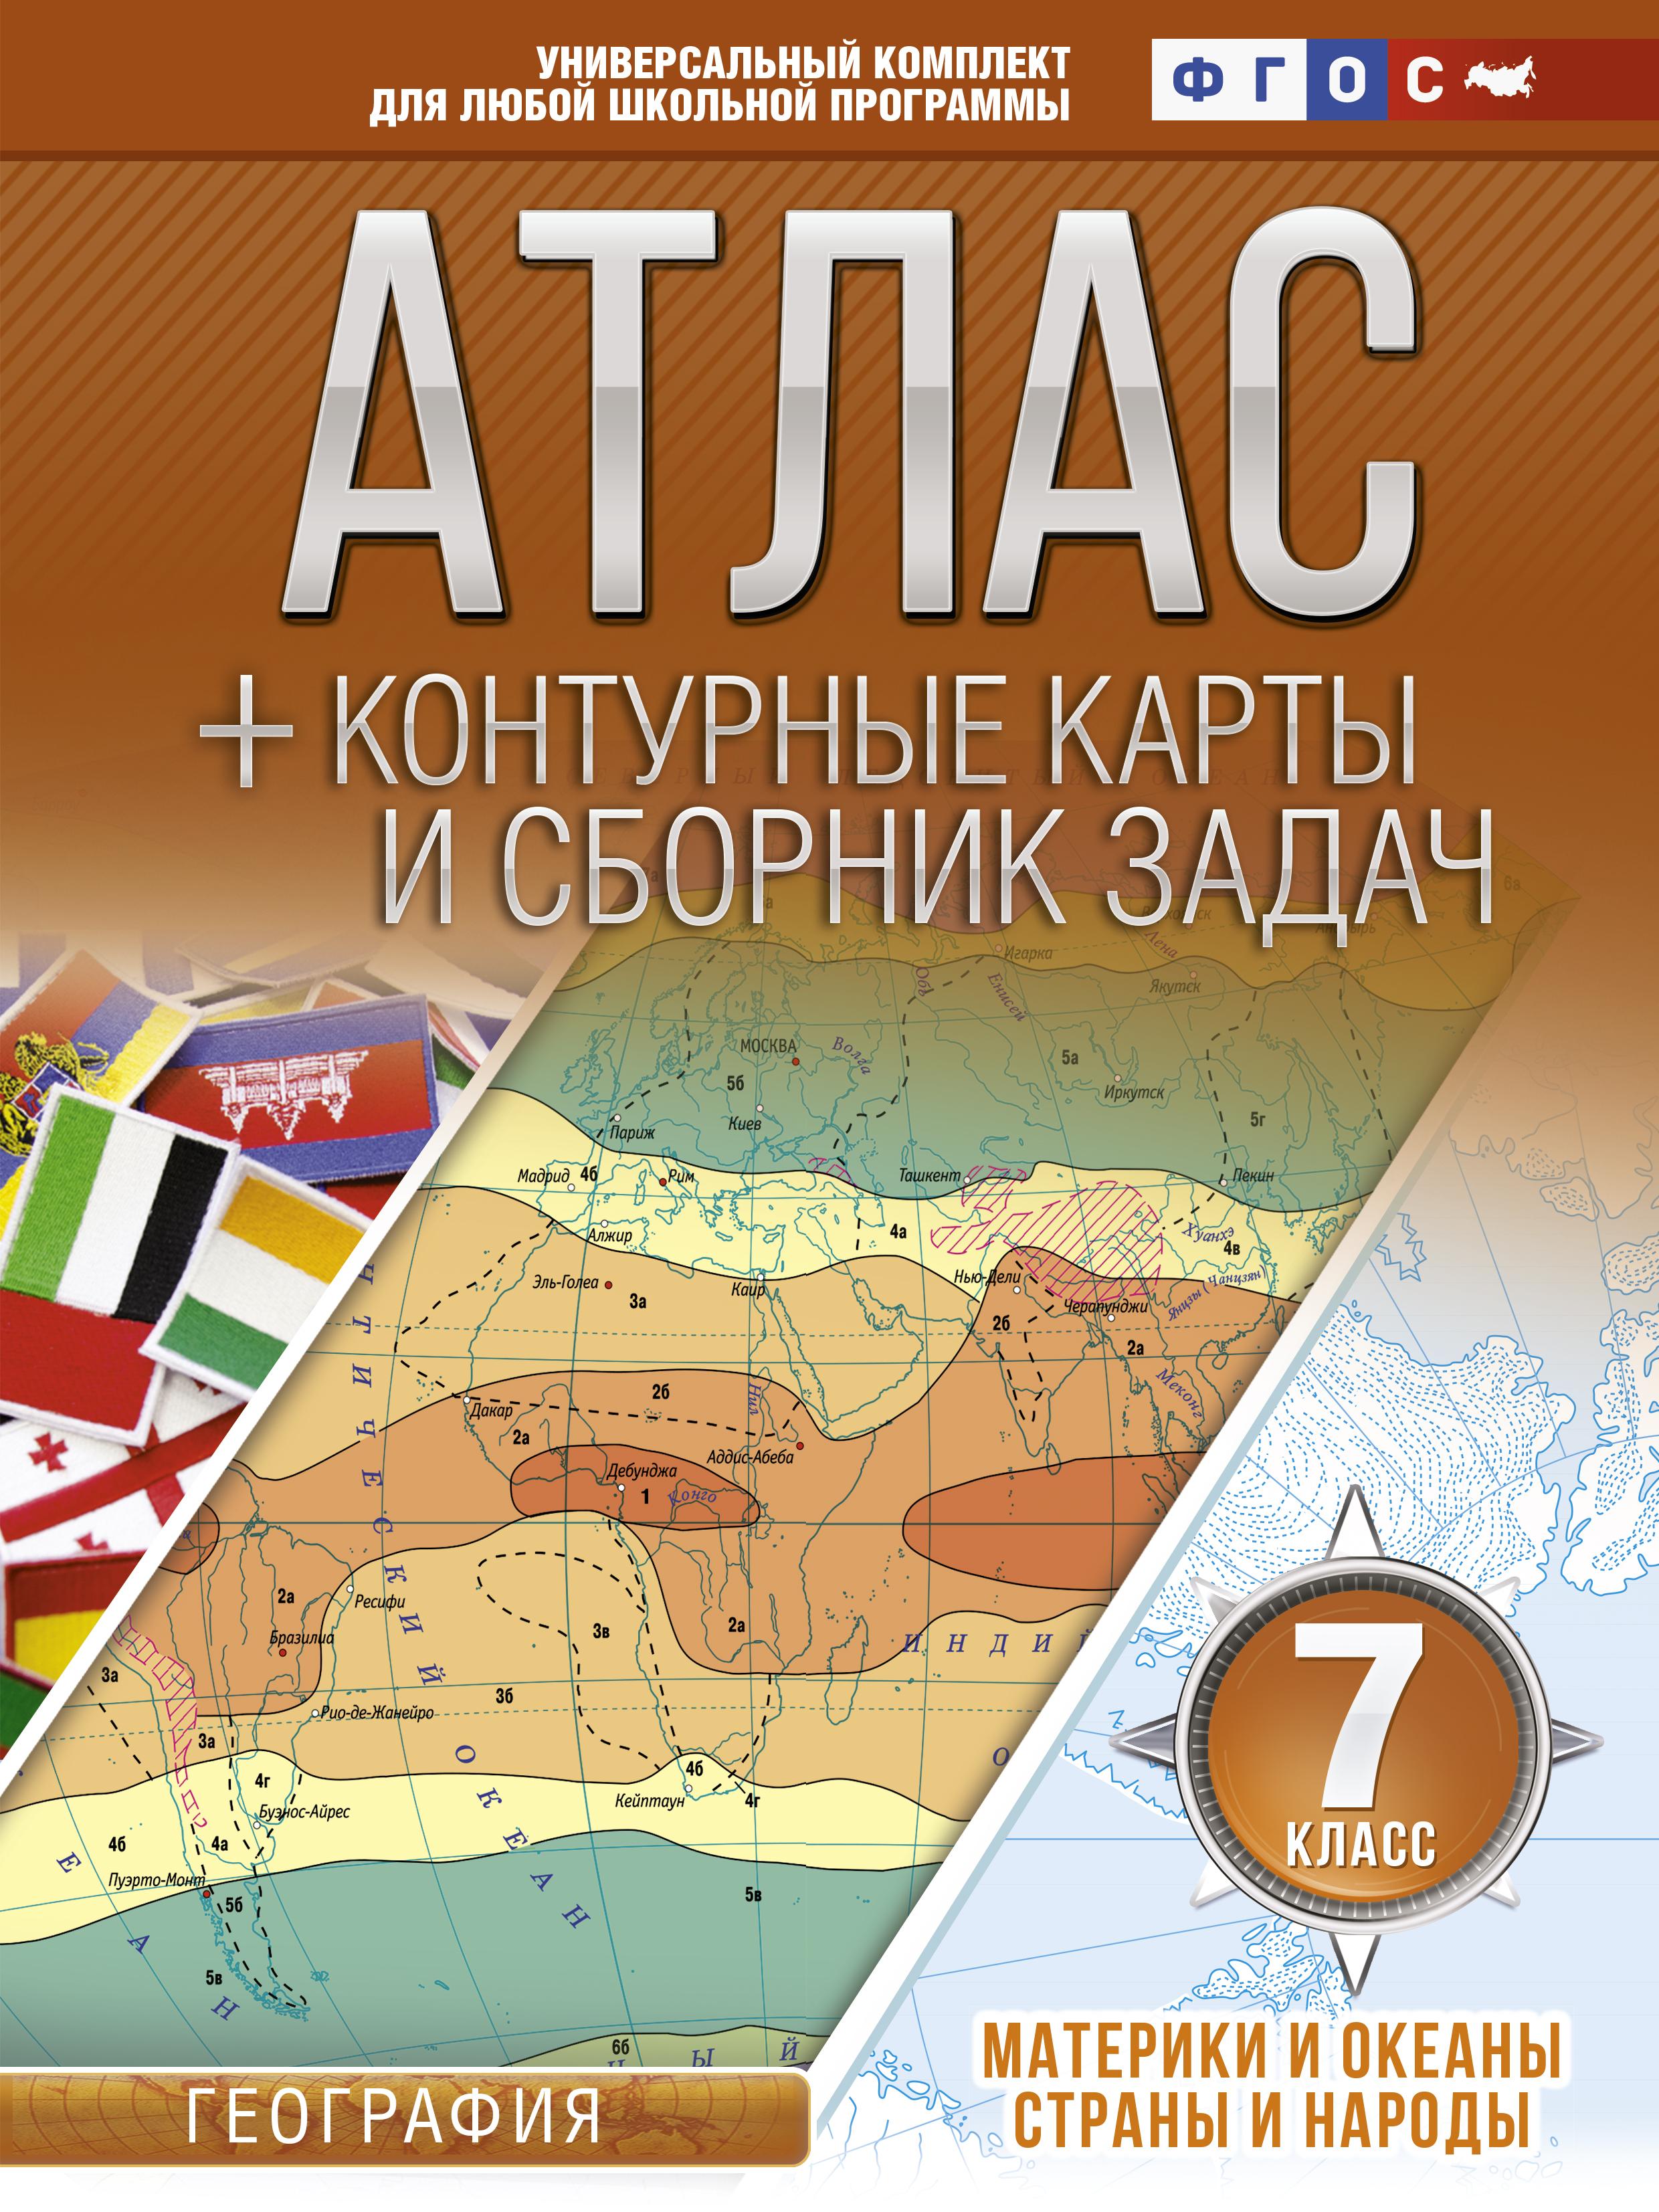 Крылова О.В. Атлас + контурные карты 7 класс. Материки и океаны. Страны и народы. ФГОС (с Крымом)